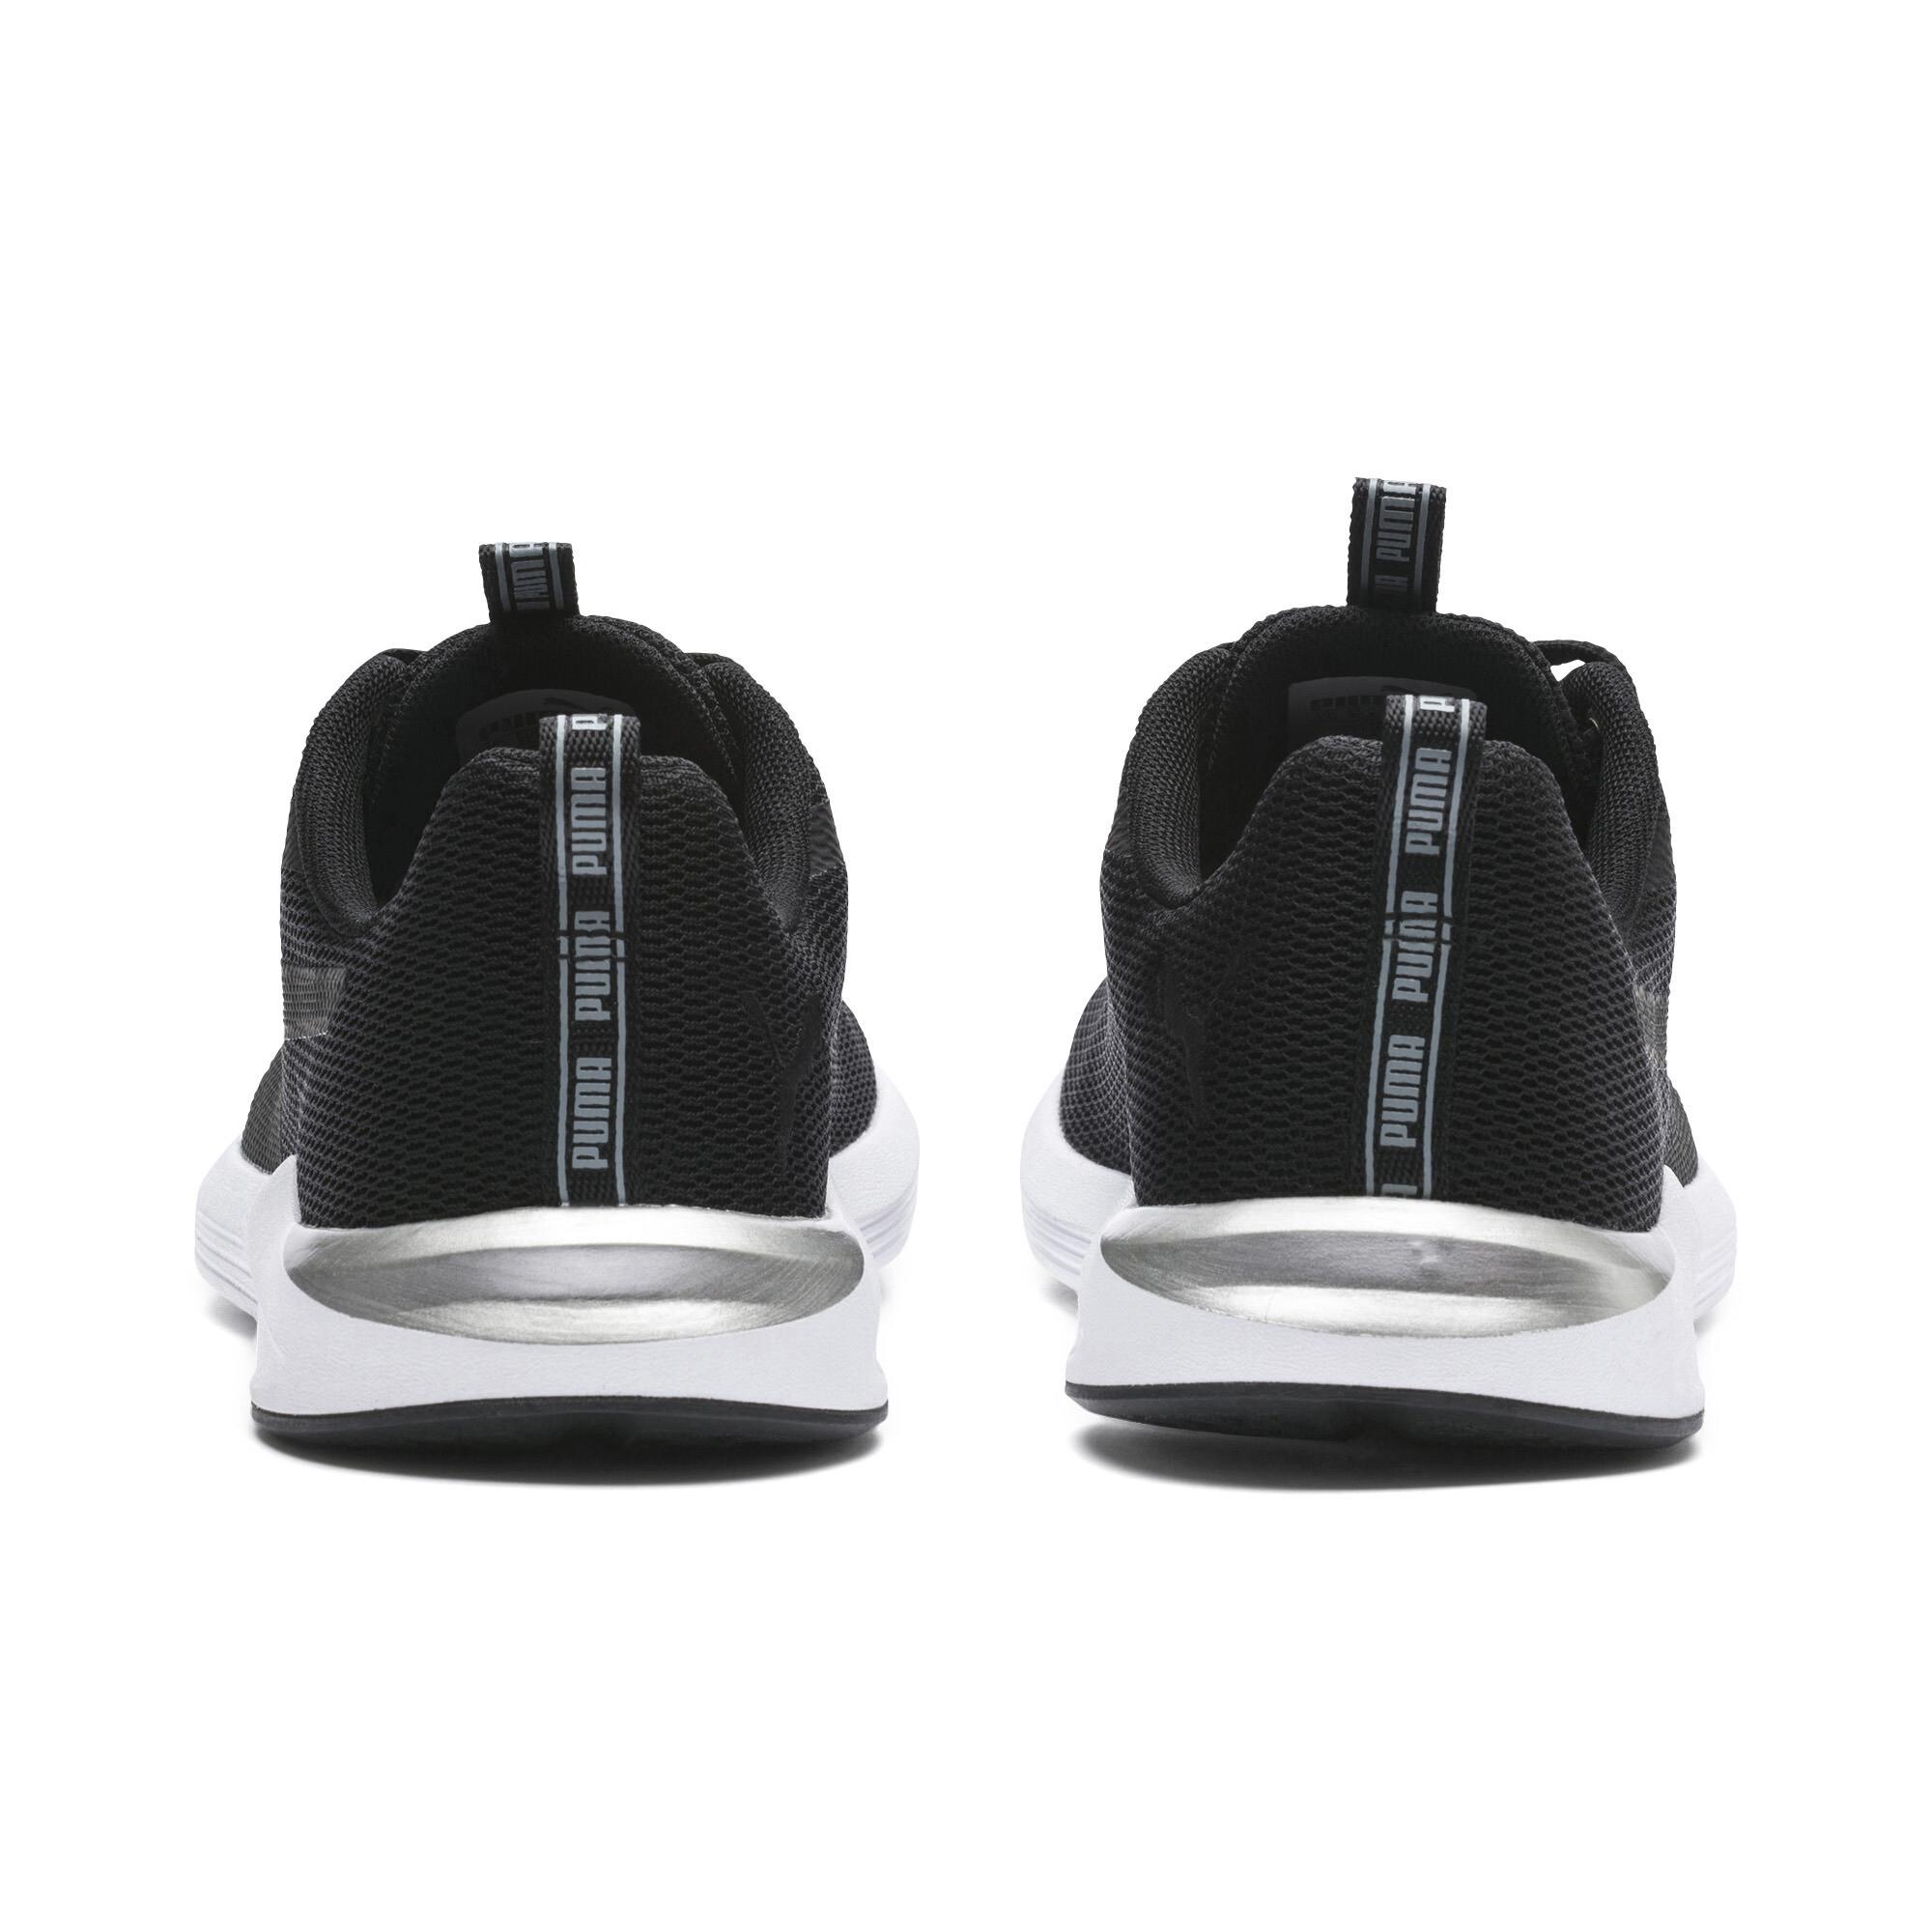 PUMA-Prowl-2-Women-s-Training-Shoes-Women-Shoe-Training thumbnail 3